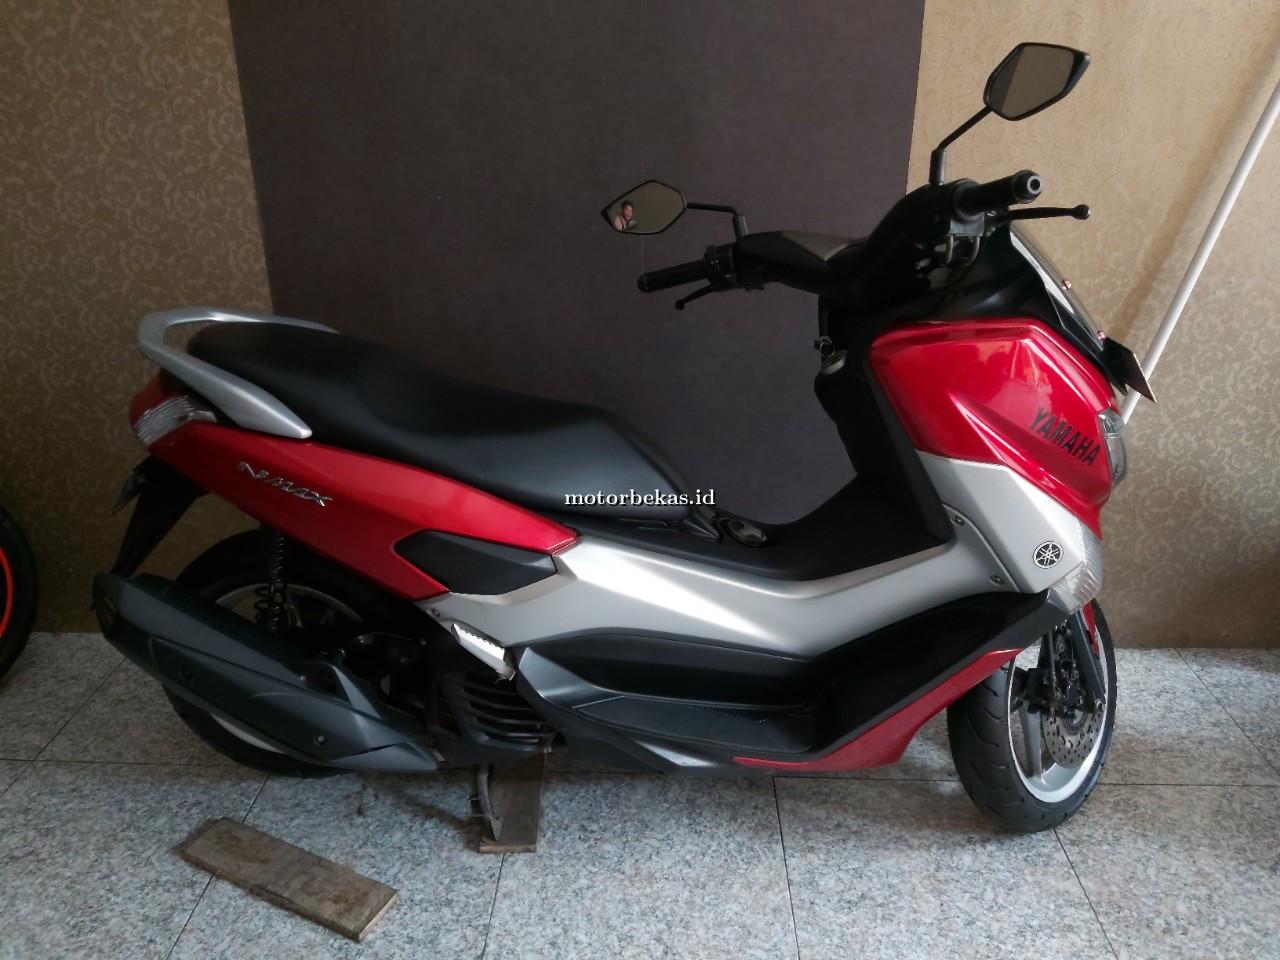 YAMAHA NMAX 155  30 motorbekas.id